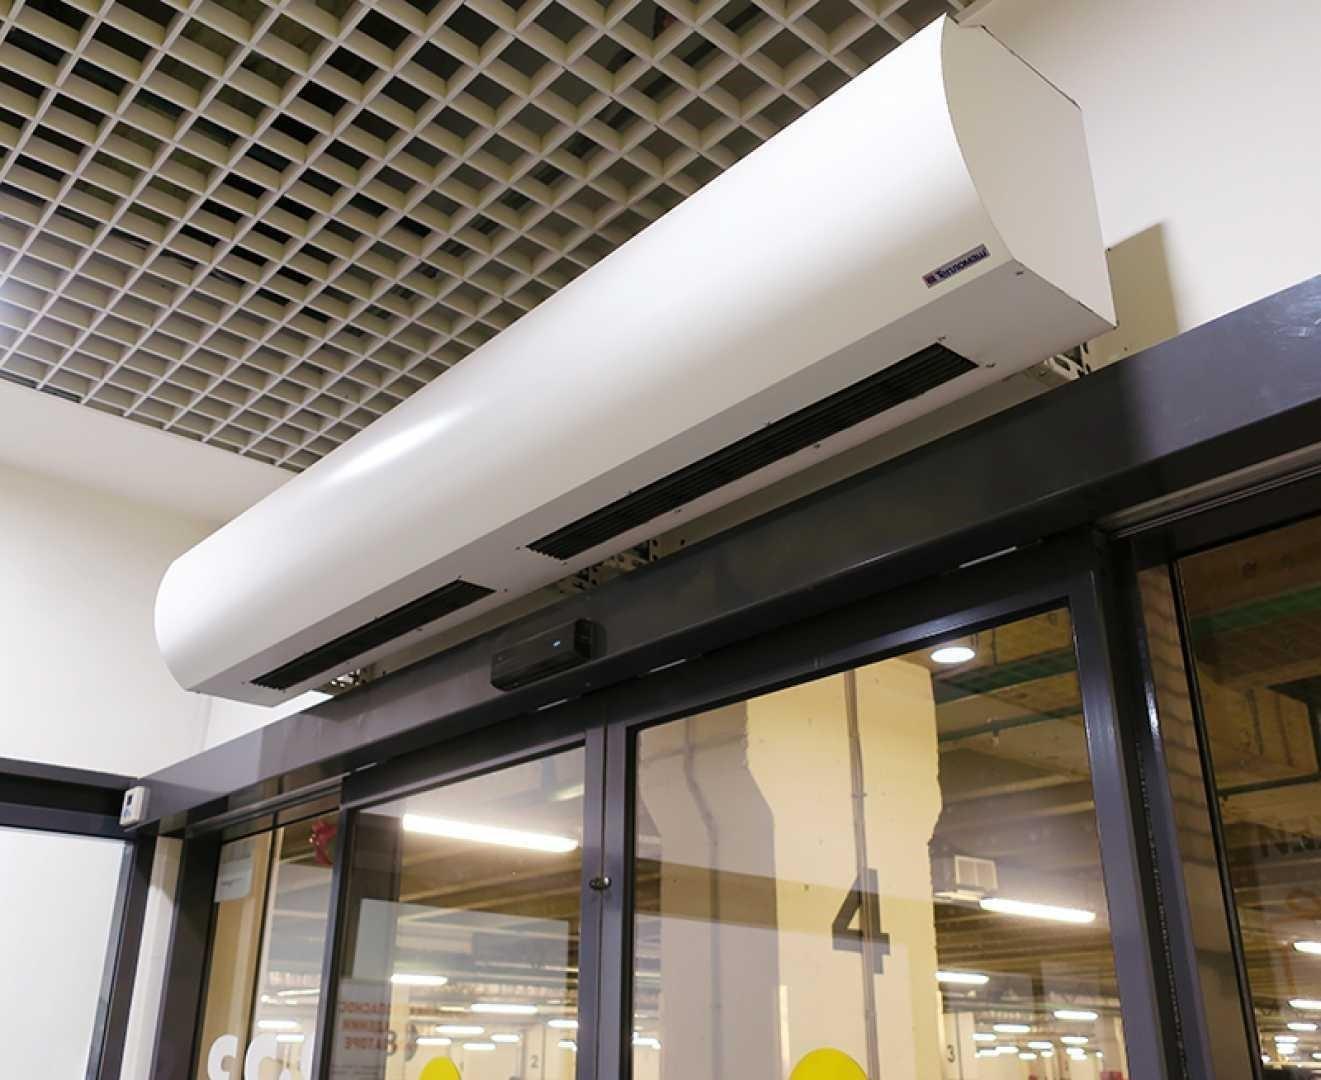 Тепловая завеса КЭВ-12П2022Е - 12 кВт (длина 1,5 м.), для проемов высотой от 2-2,5 м.